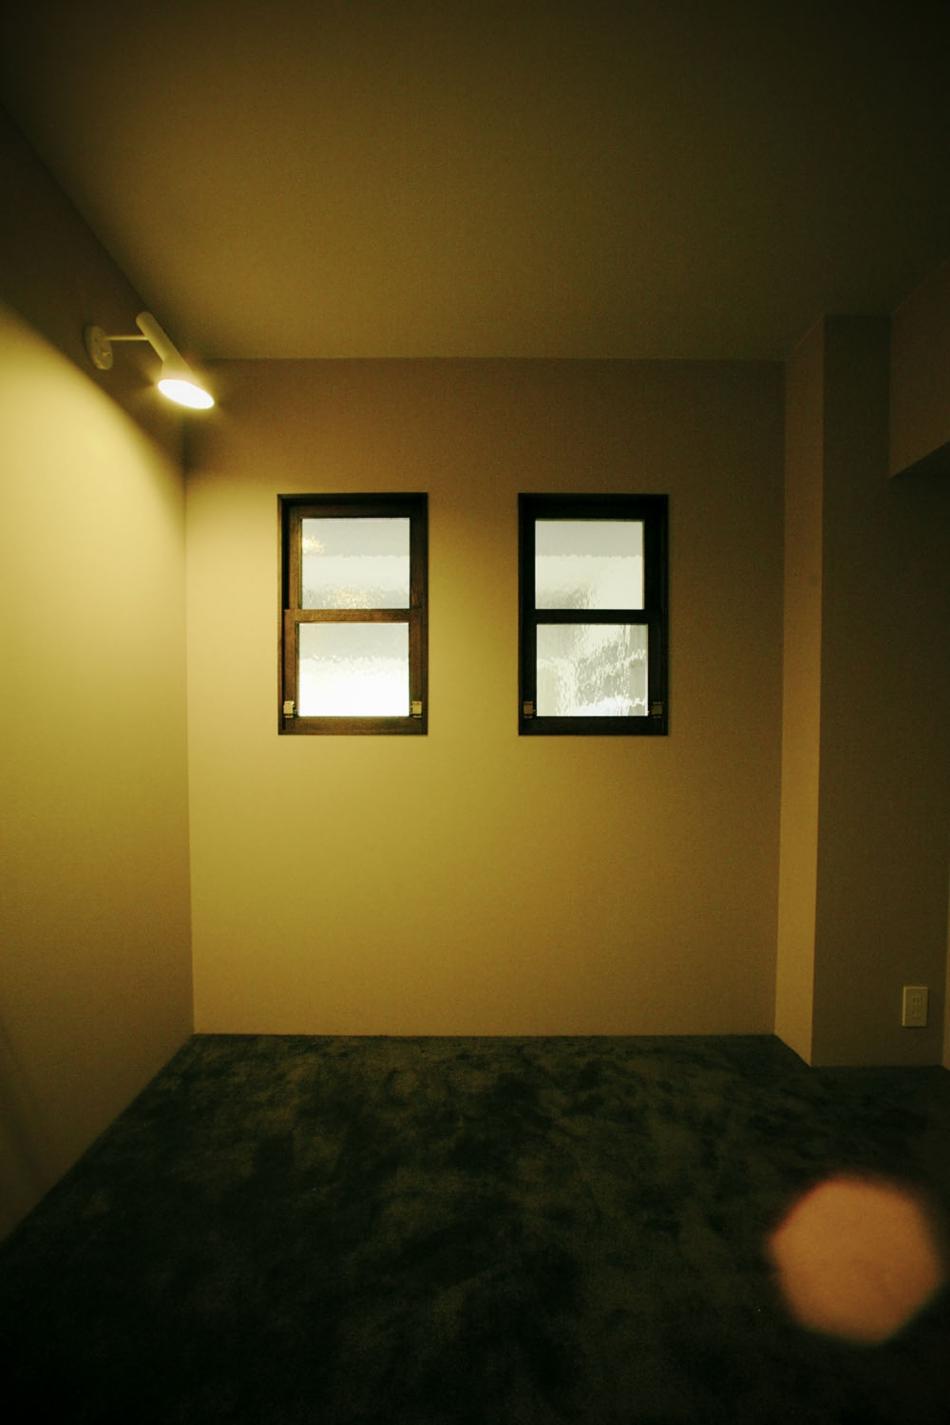 室内窓、寝室、ベッドルーム、採光、リノベーション、ナイン、9